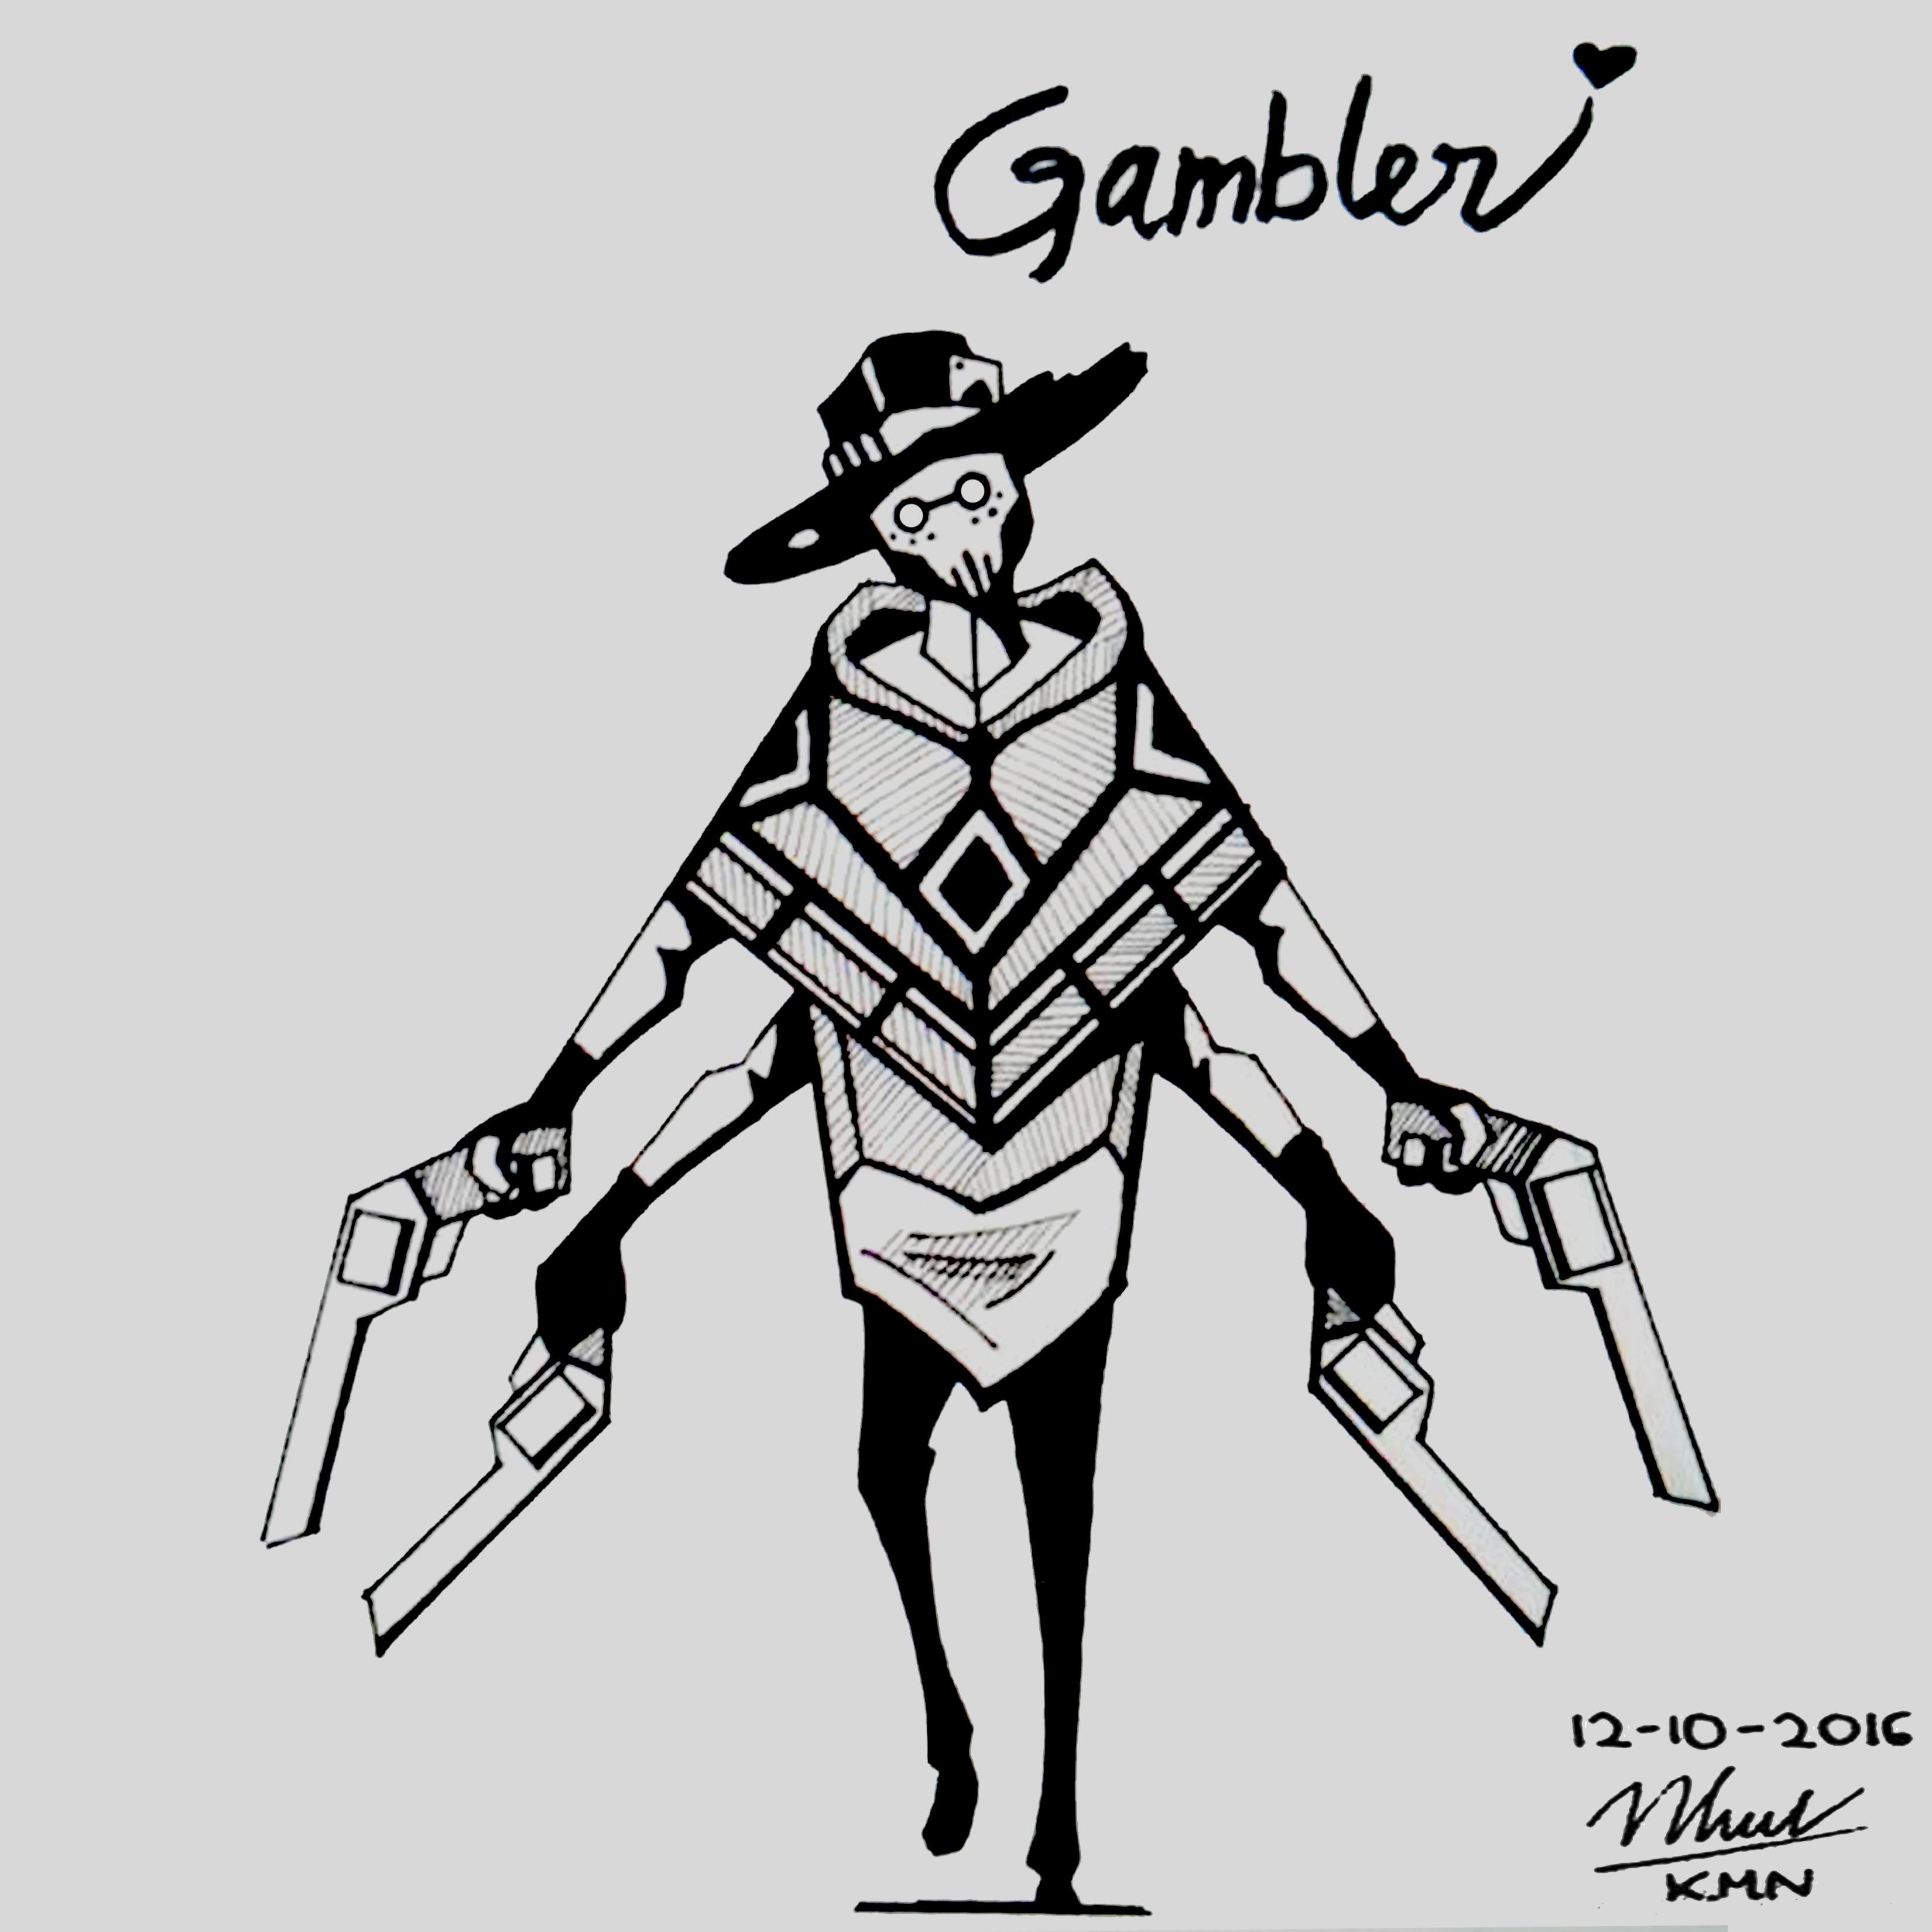 #10 - Gambler